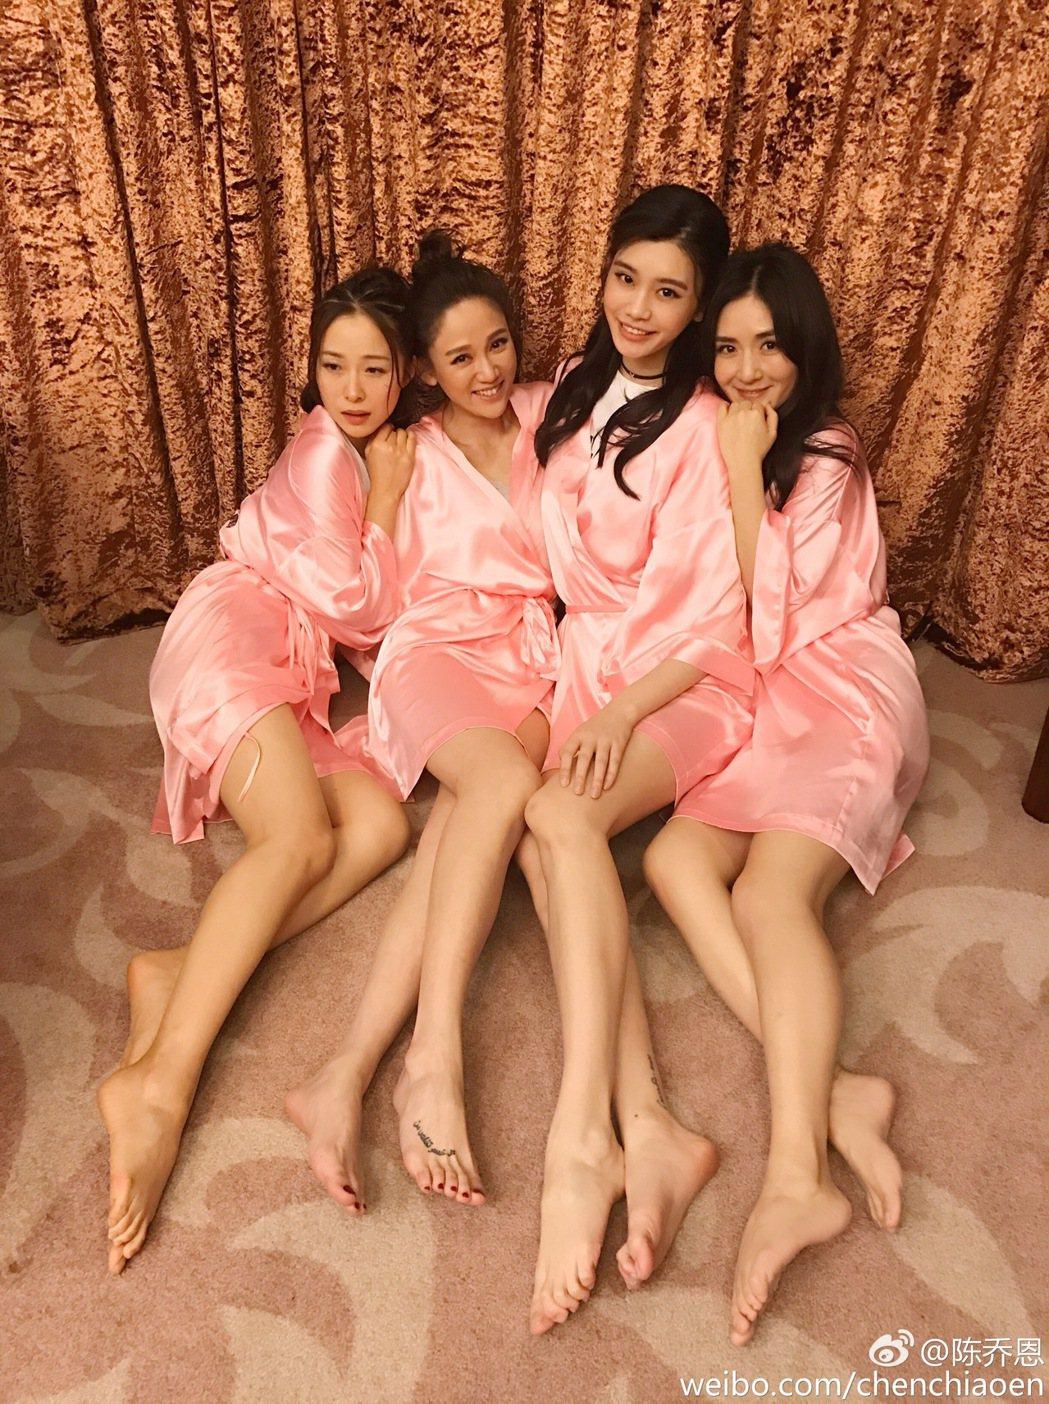 江一燕(左起)、陳喬恩、奚夢瑤、謝娜。圖/擷自微博。